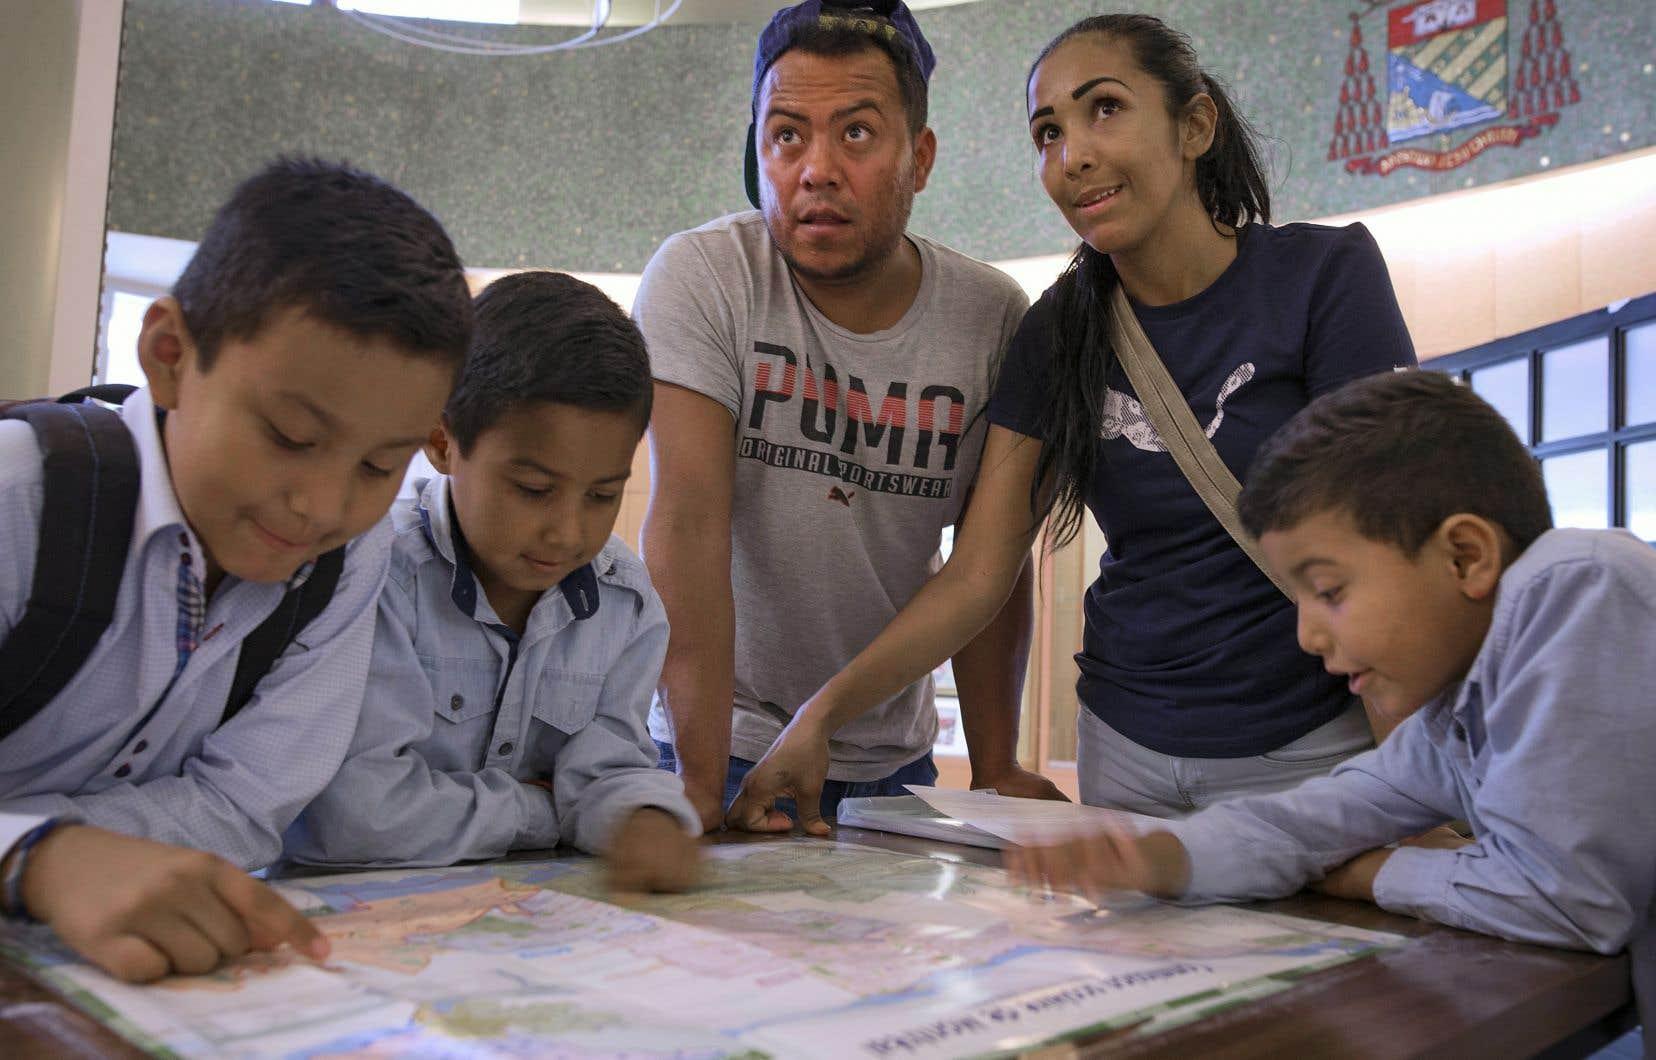 La famille Magdaleno-Jimenez, arrivée du Mexique, est venue inscrire ses enfants en classe d'accueil à la Commission scolaire de Montréal, mardi.